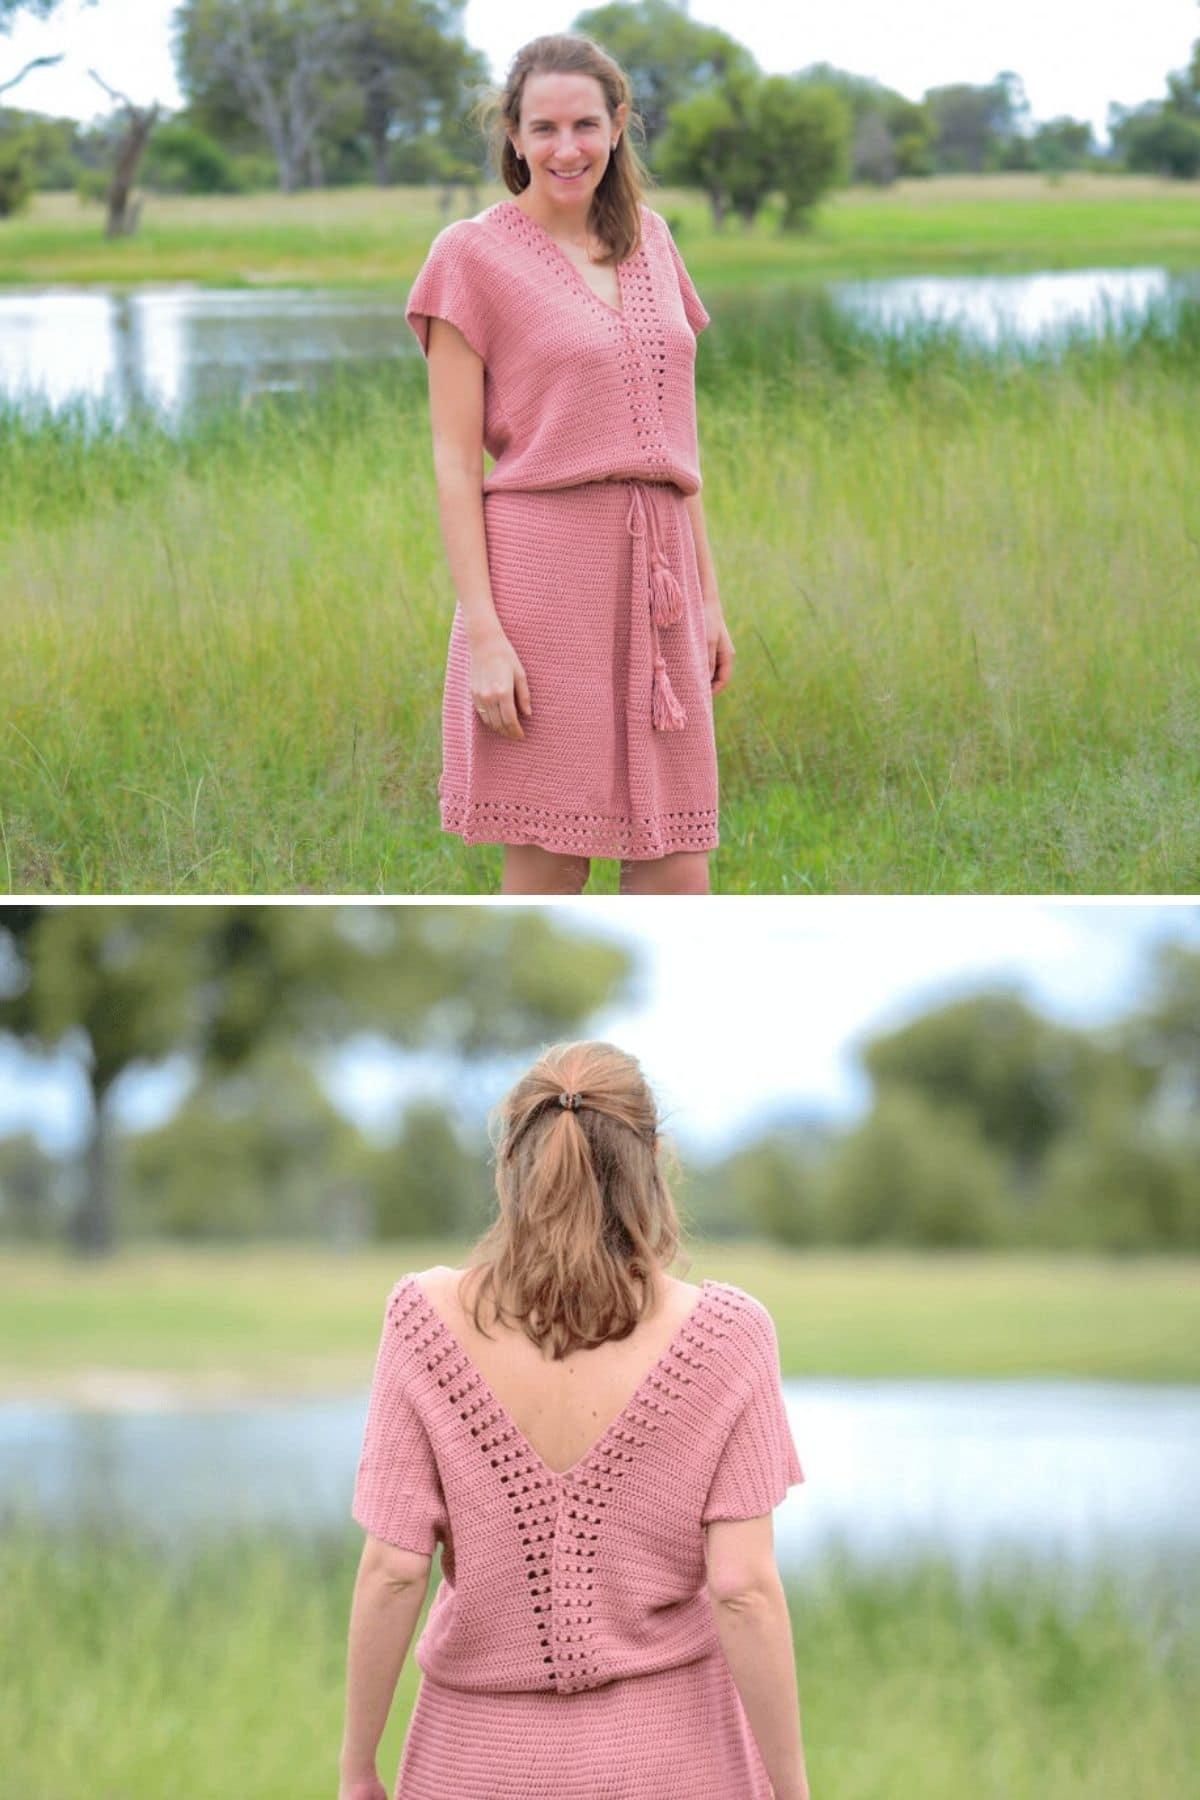 Woman in pink crochet dress with open back in field